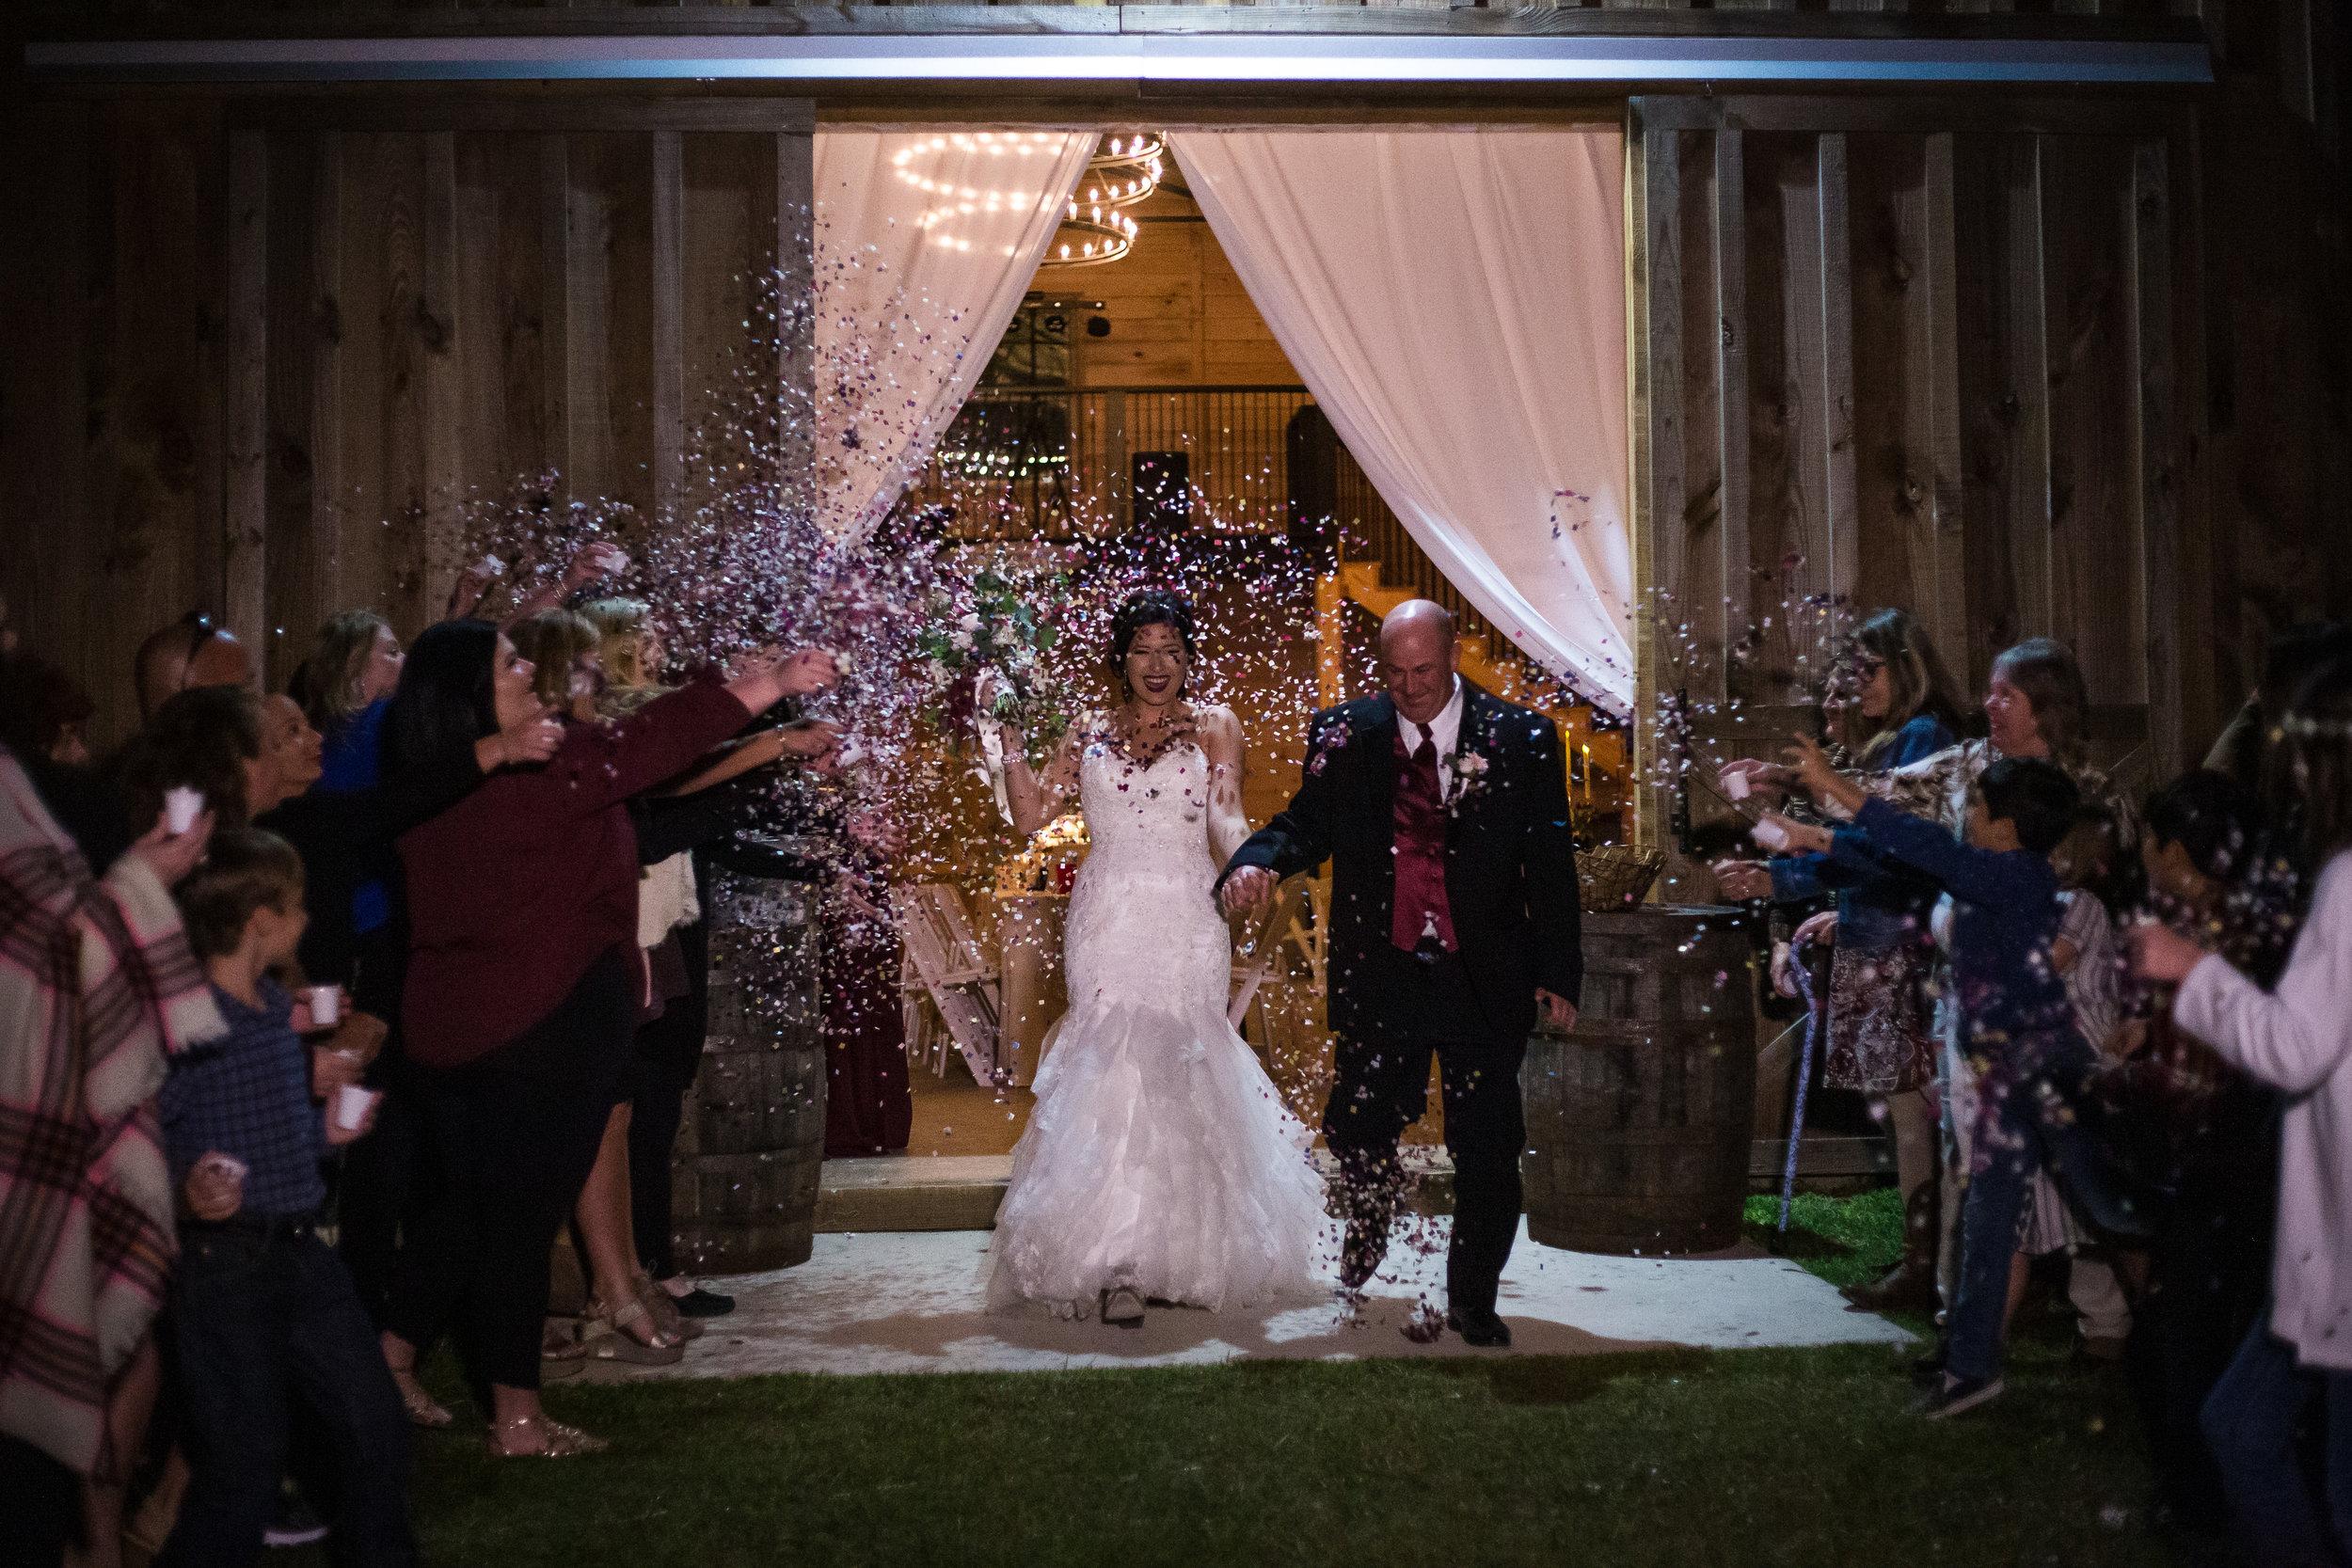 Barn-Wedding-Ates-Ranch-Wedding-Photo-Photography-Video-Videography-Pensacola-Florida-Courtney-Clint-54.jpg